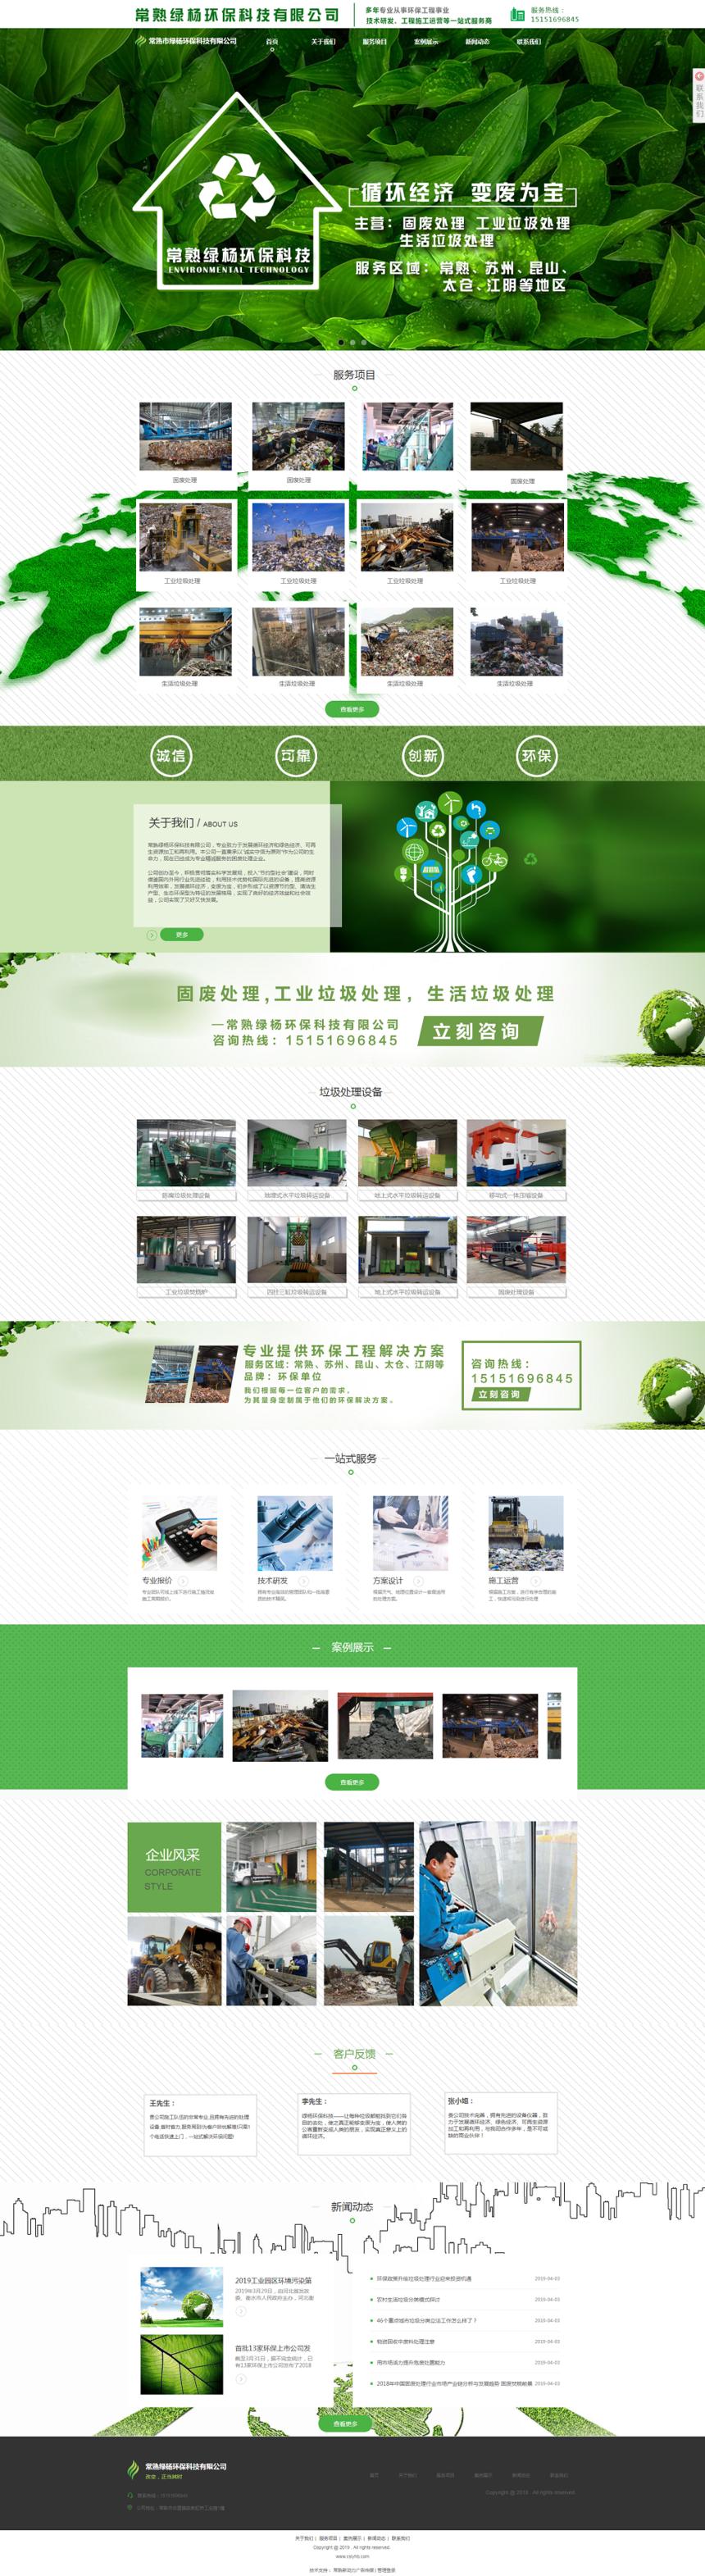 常熟固废处理常熟工业垃圾处理常熟绿杨环保科技.png